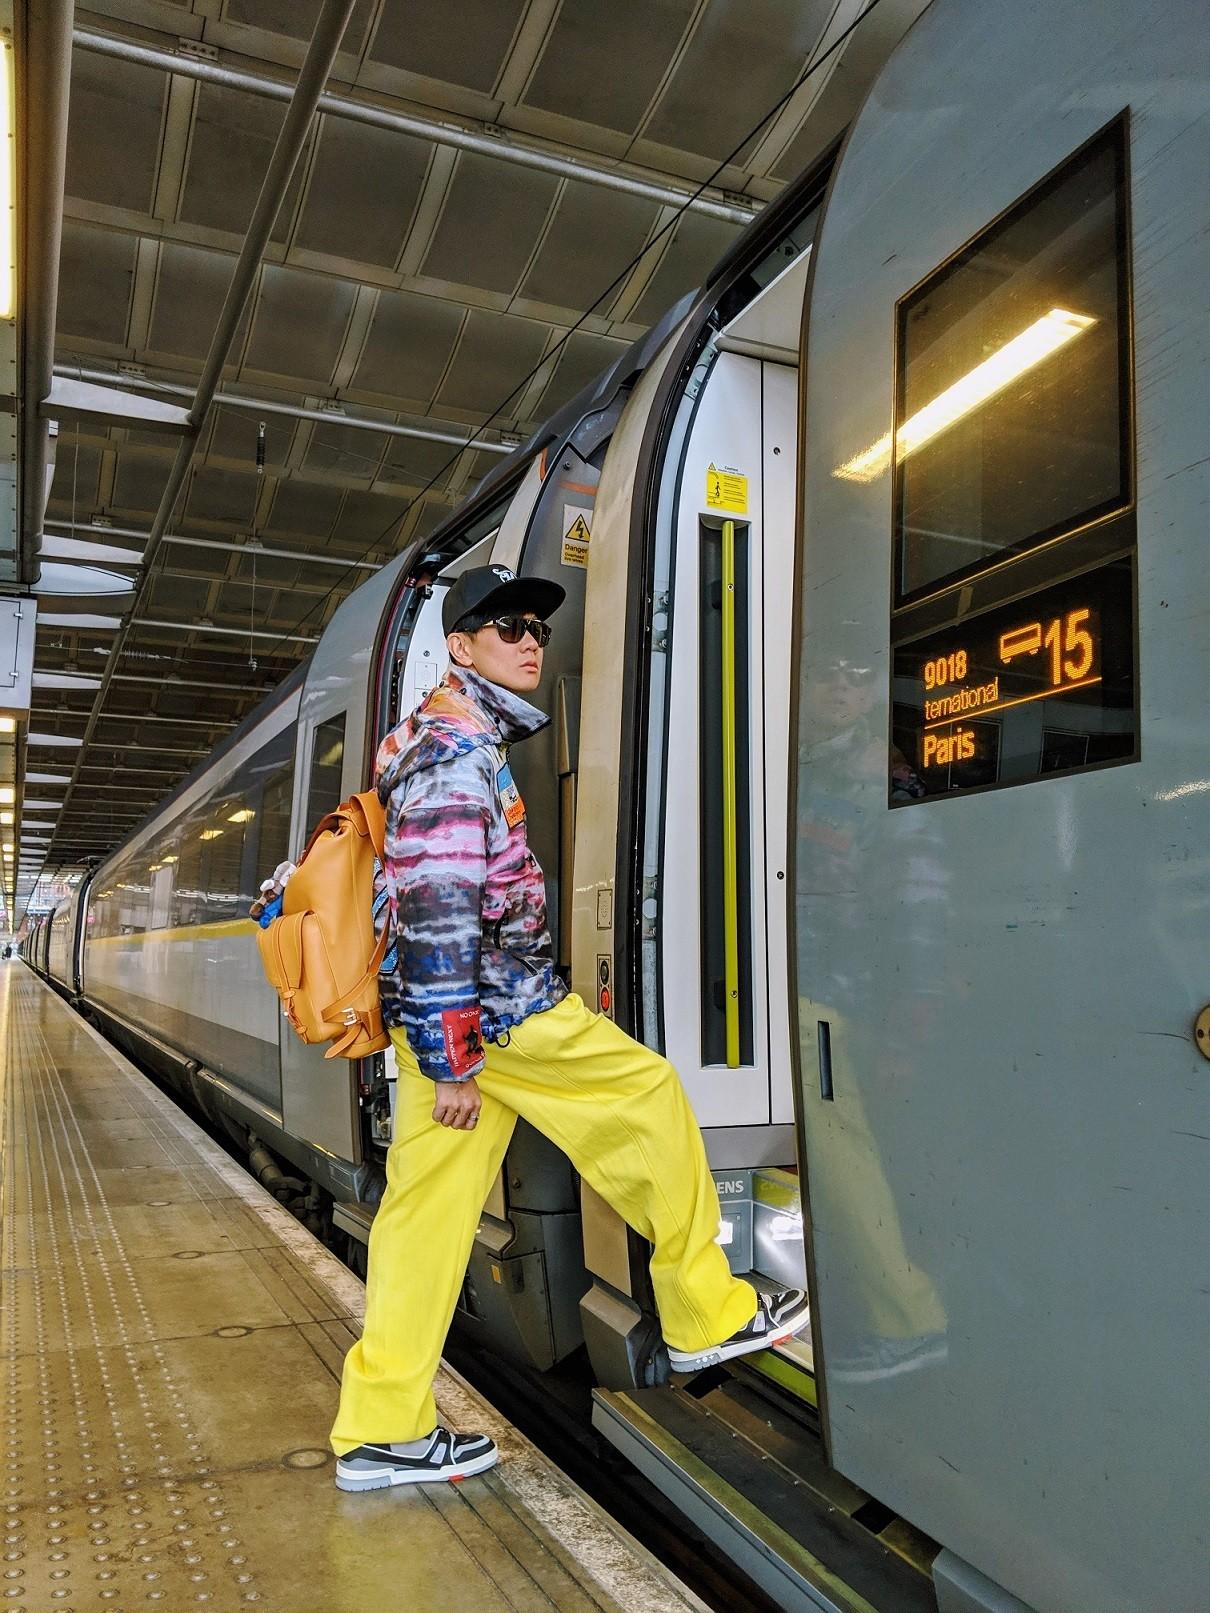 林俊杰「车站末运棋牌」靠娃娃喷发潮味 到巴黎准备看LV秀